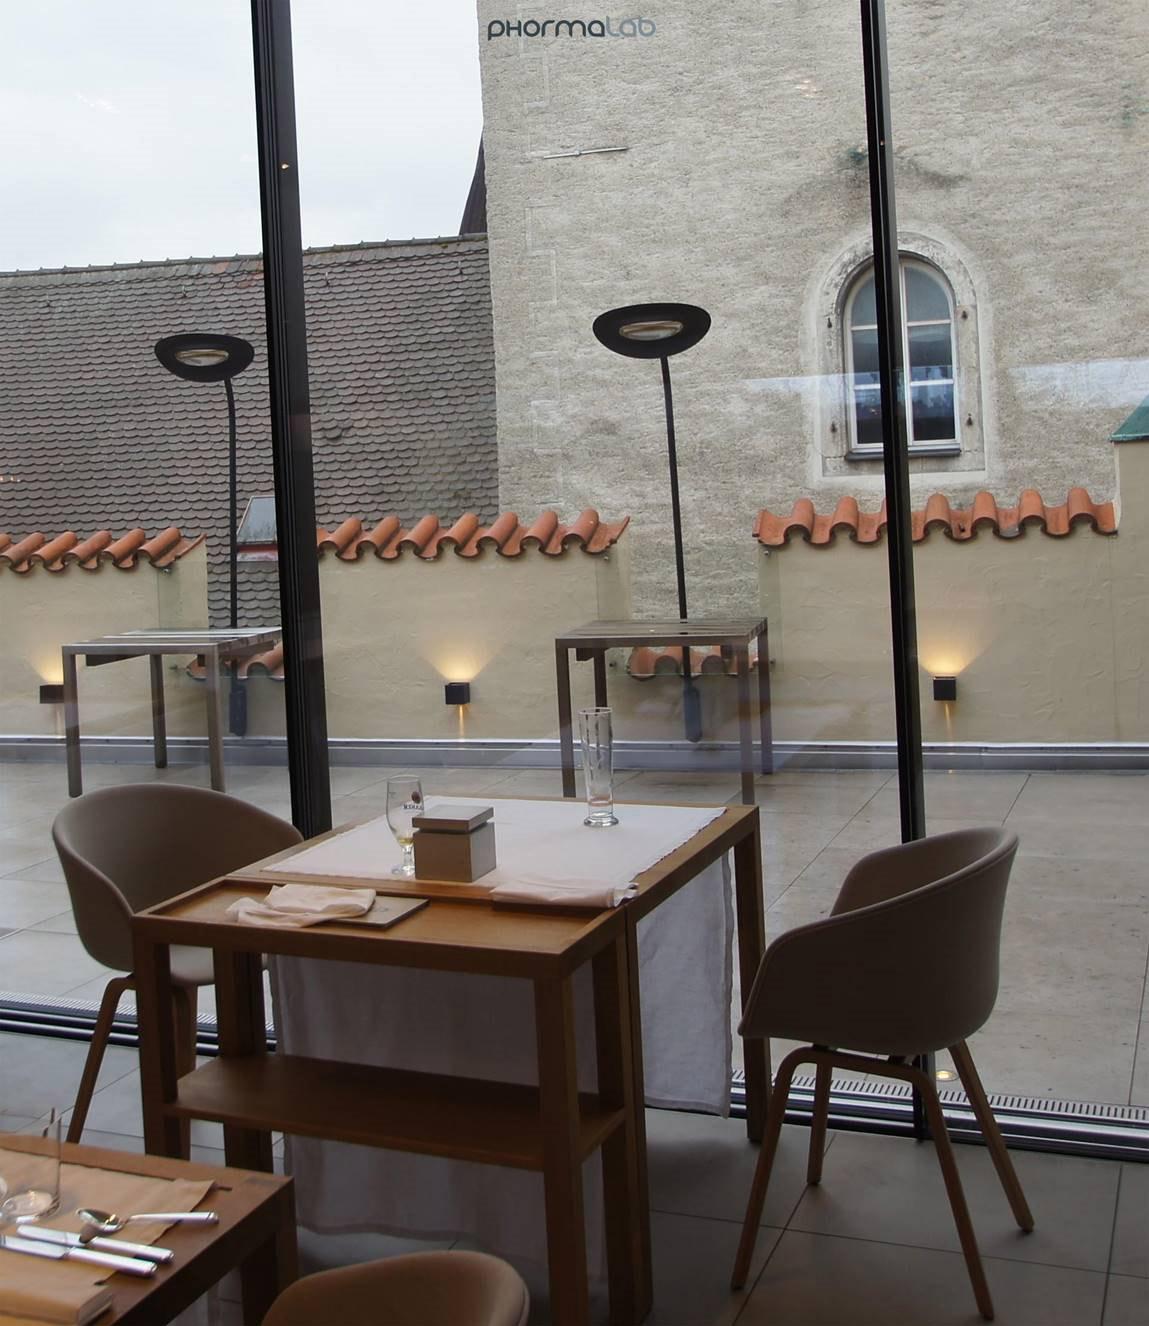 Salon De Jardin Occasion Haute Savoie - Châlet, Maison Et intérieur Salon De Jardin Occasion